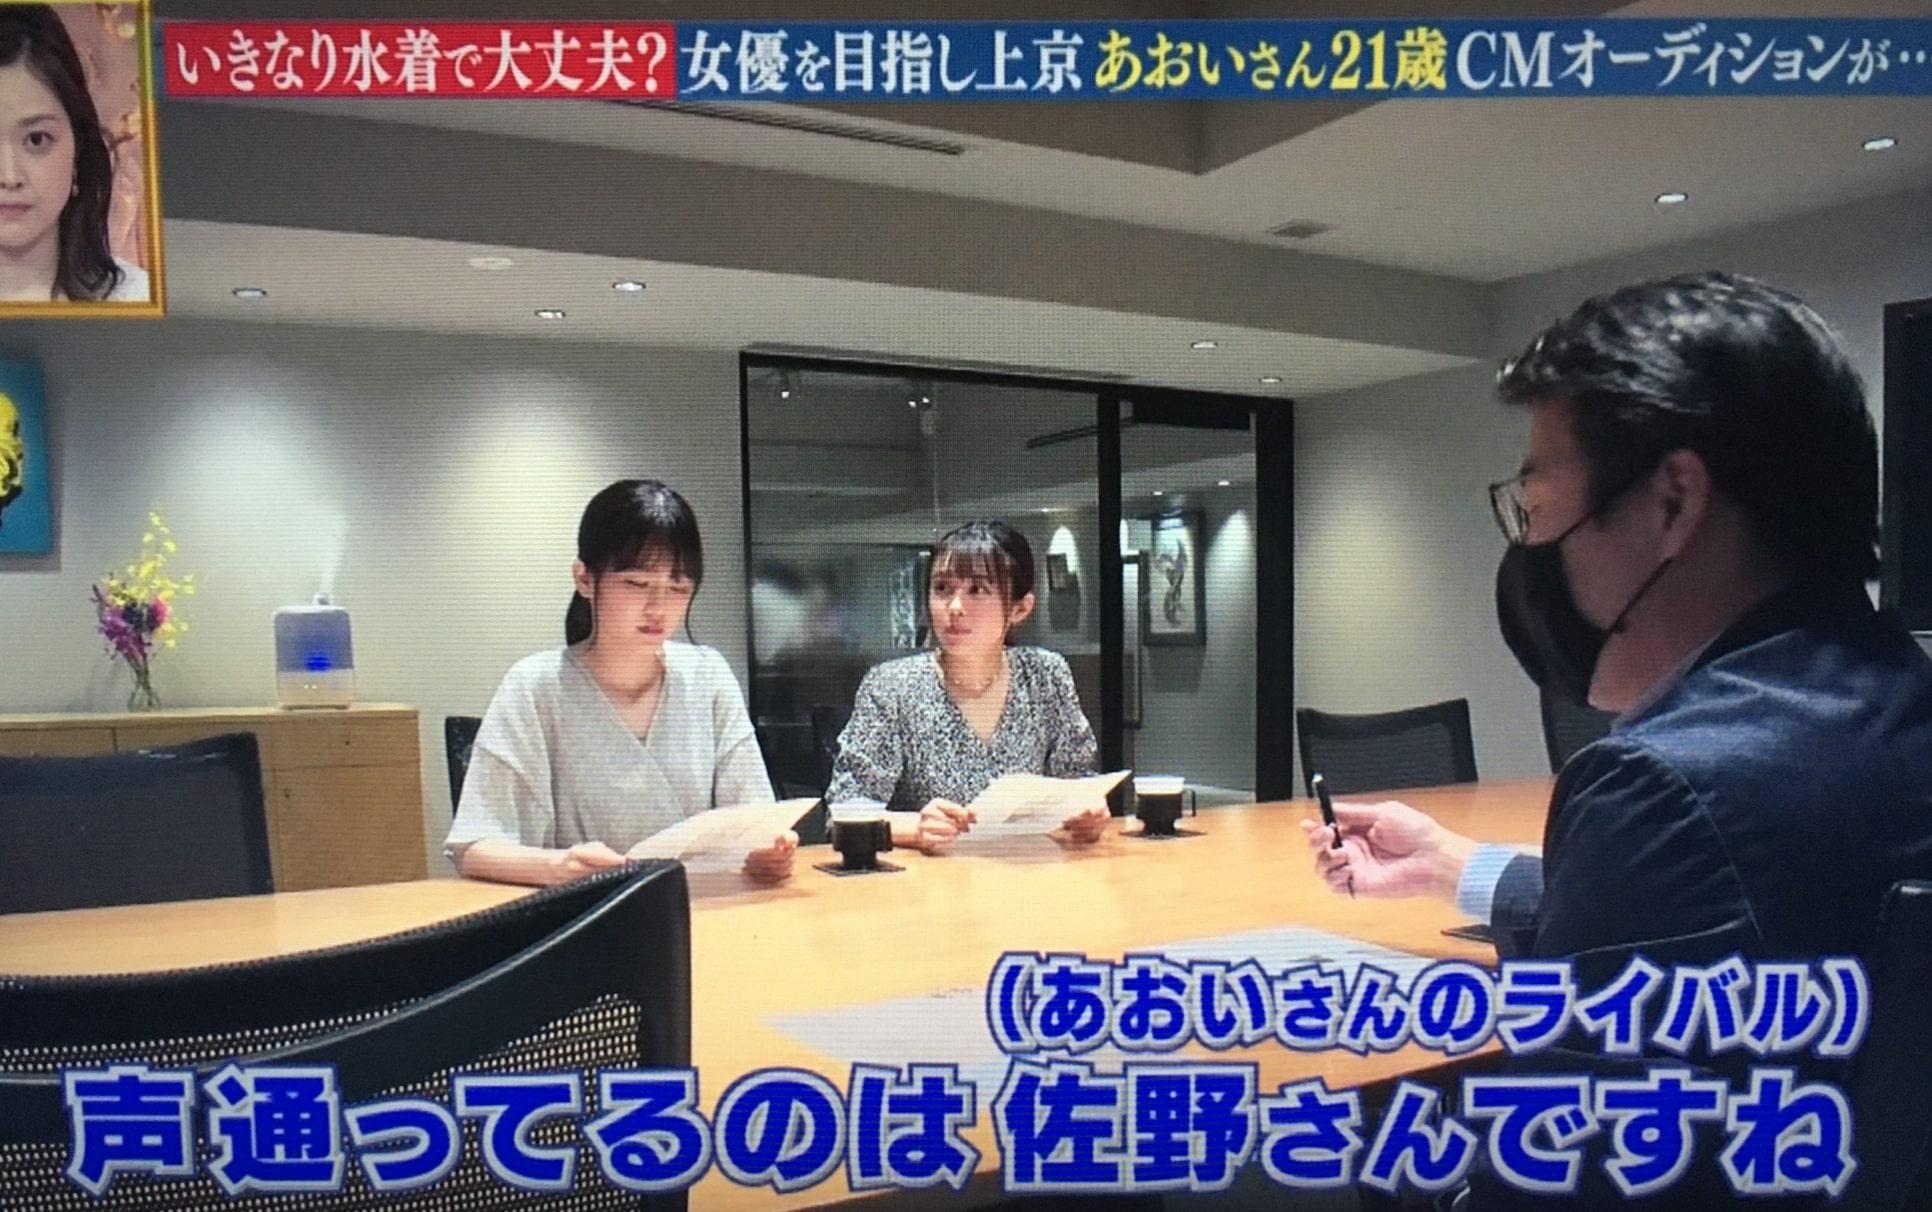 【ボンビーガール】川口葵と同じ事務所の子あいか